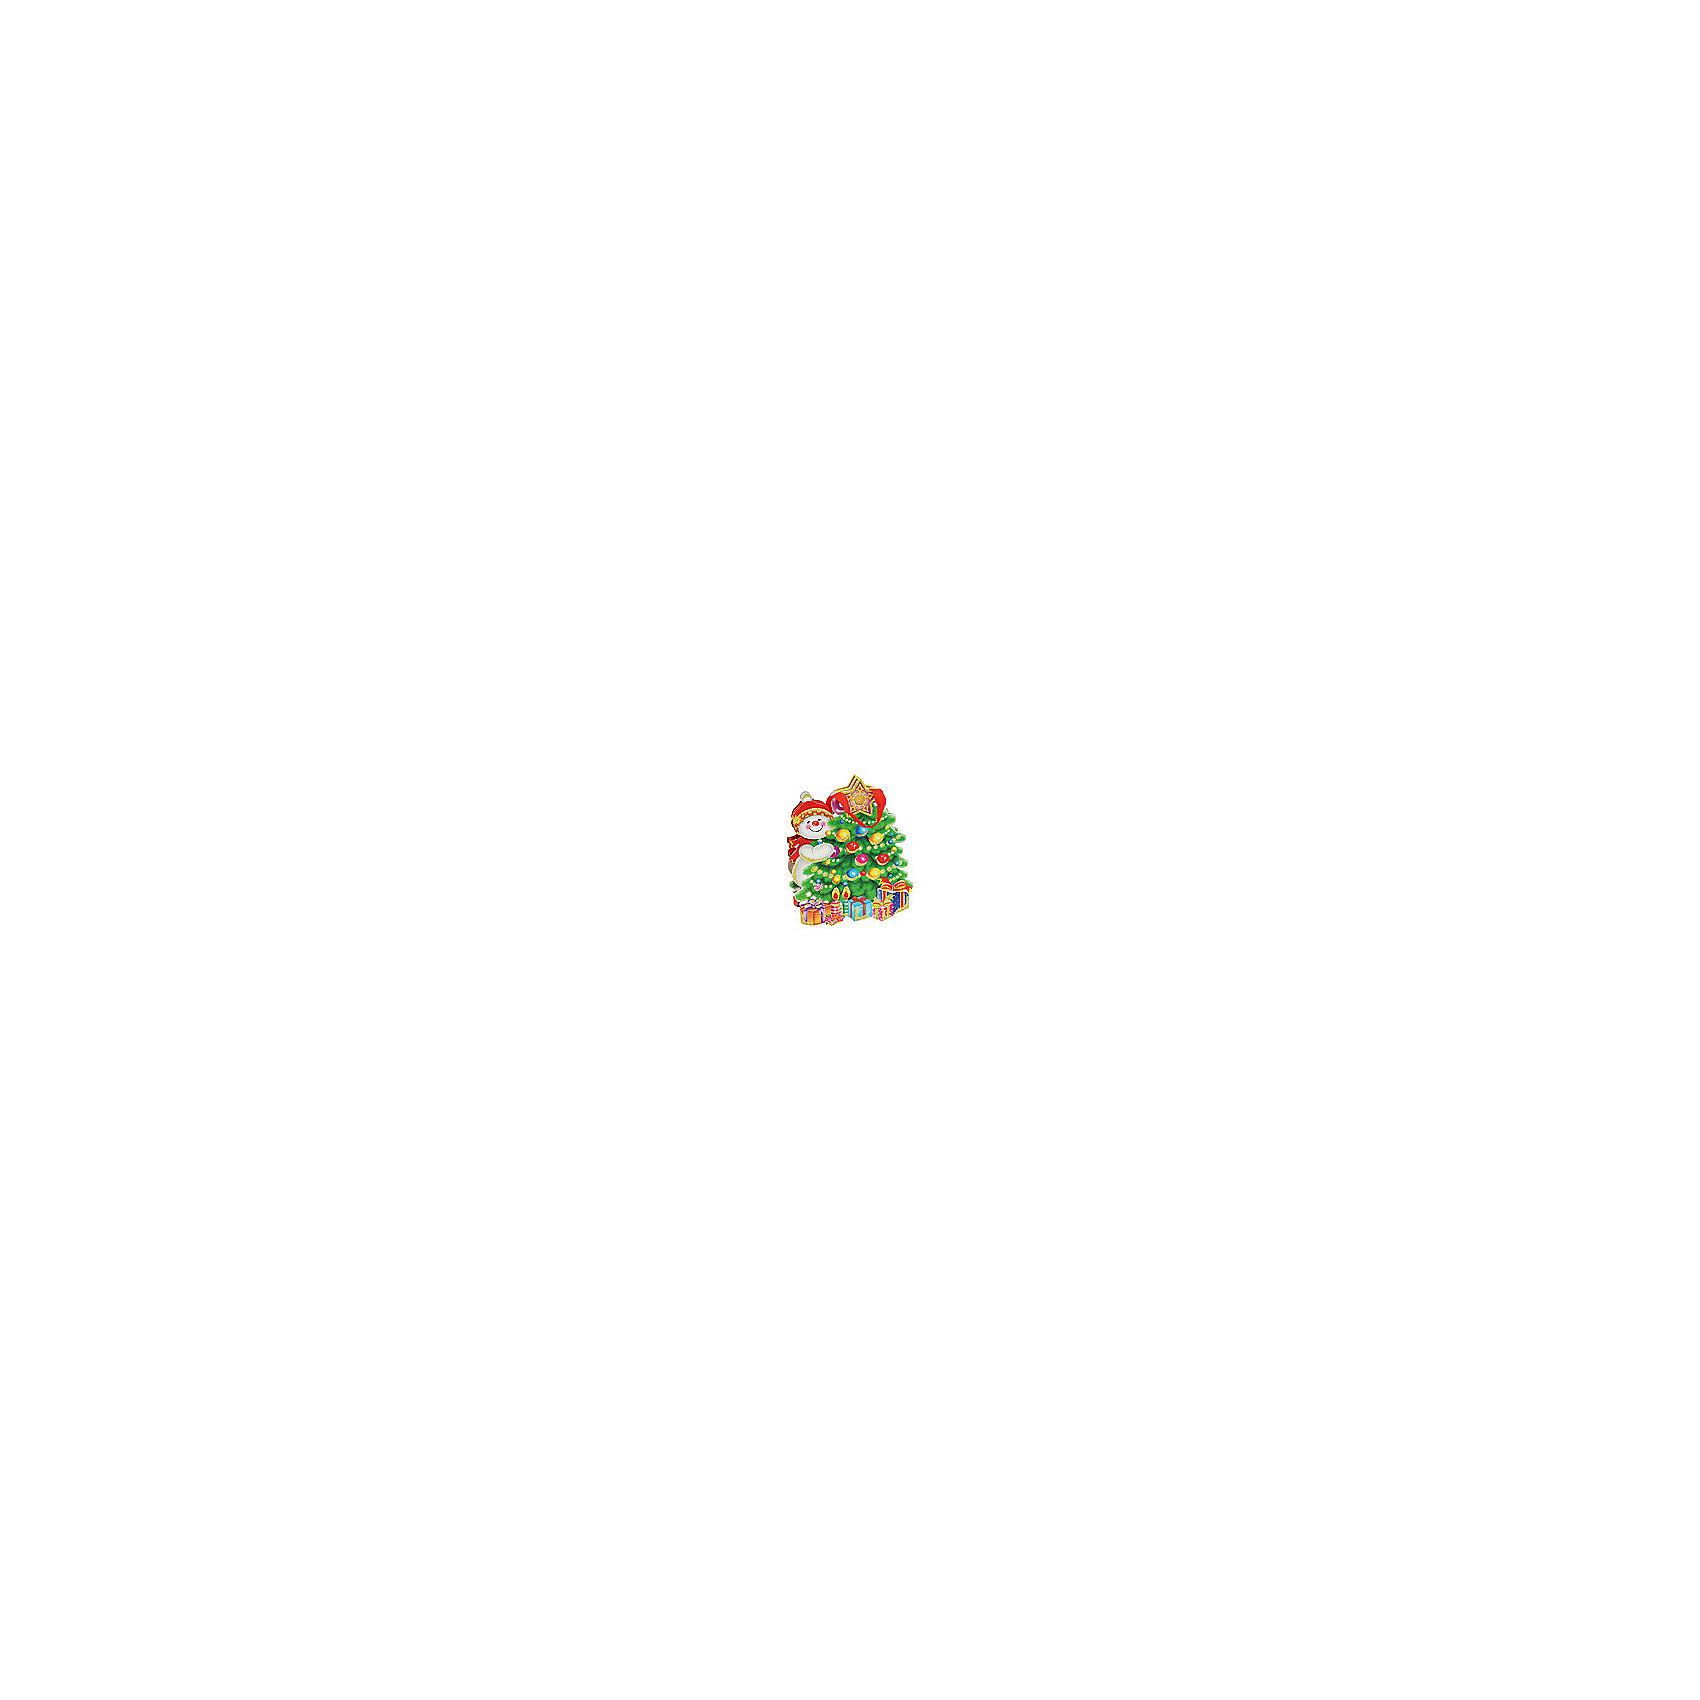 Пакет Снеговик и елкаПакет Снеговик и елка, Белоснежка.<br><br>Характеристики:<br><br>• оригинальный дизайн<br>• удобные ручки<br>• прочные материалы<br>• состав: бумага<br>• размер: 25х26х8 см<br>• размер внутреннего пакета: 14,8х17х7,5 см<br><br>Снеговик и елка - восхитительный подарочный пакет, созданный специально для новогодних праздников. Он изготовлен из плотной бумаги и имеет удобные ручки из текстиля. Лицевая сторона пакета имеет необычную форму и украшена ярким рисунком со снеговиком, елкой и, конечно же, подарками!<br><br>Пакет Снеговик и елка вы можете купить в нашем интернет-магазине.<br><br>Ширина мм: 260<br>Глубина мм: 250<br>Высота мм: 80<br>Вес г: 40<br>Возраст от месяцев: 72<br>Возраст до месяцев: 144<br>Пол: Унисекс<br>Возраст: Детский<br>SKU: 5089605